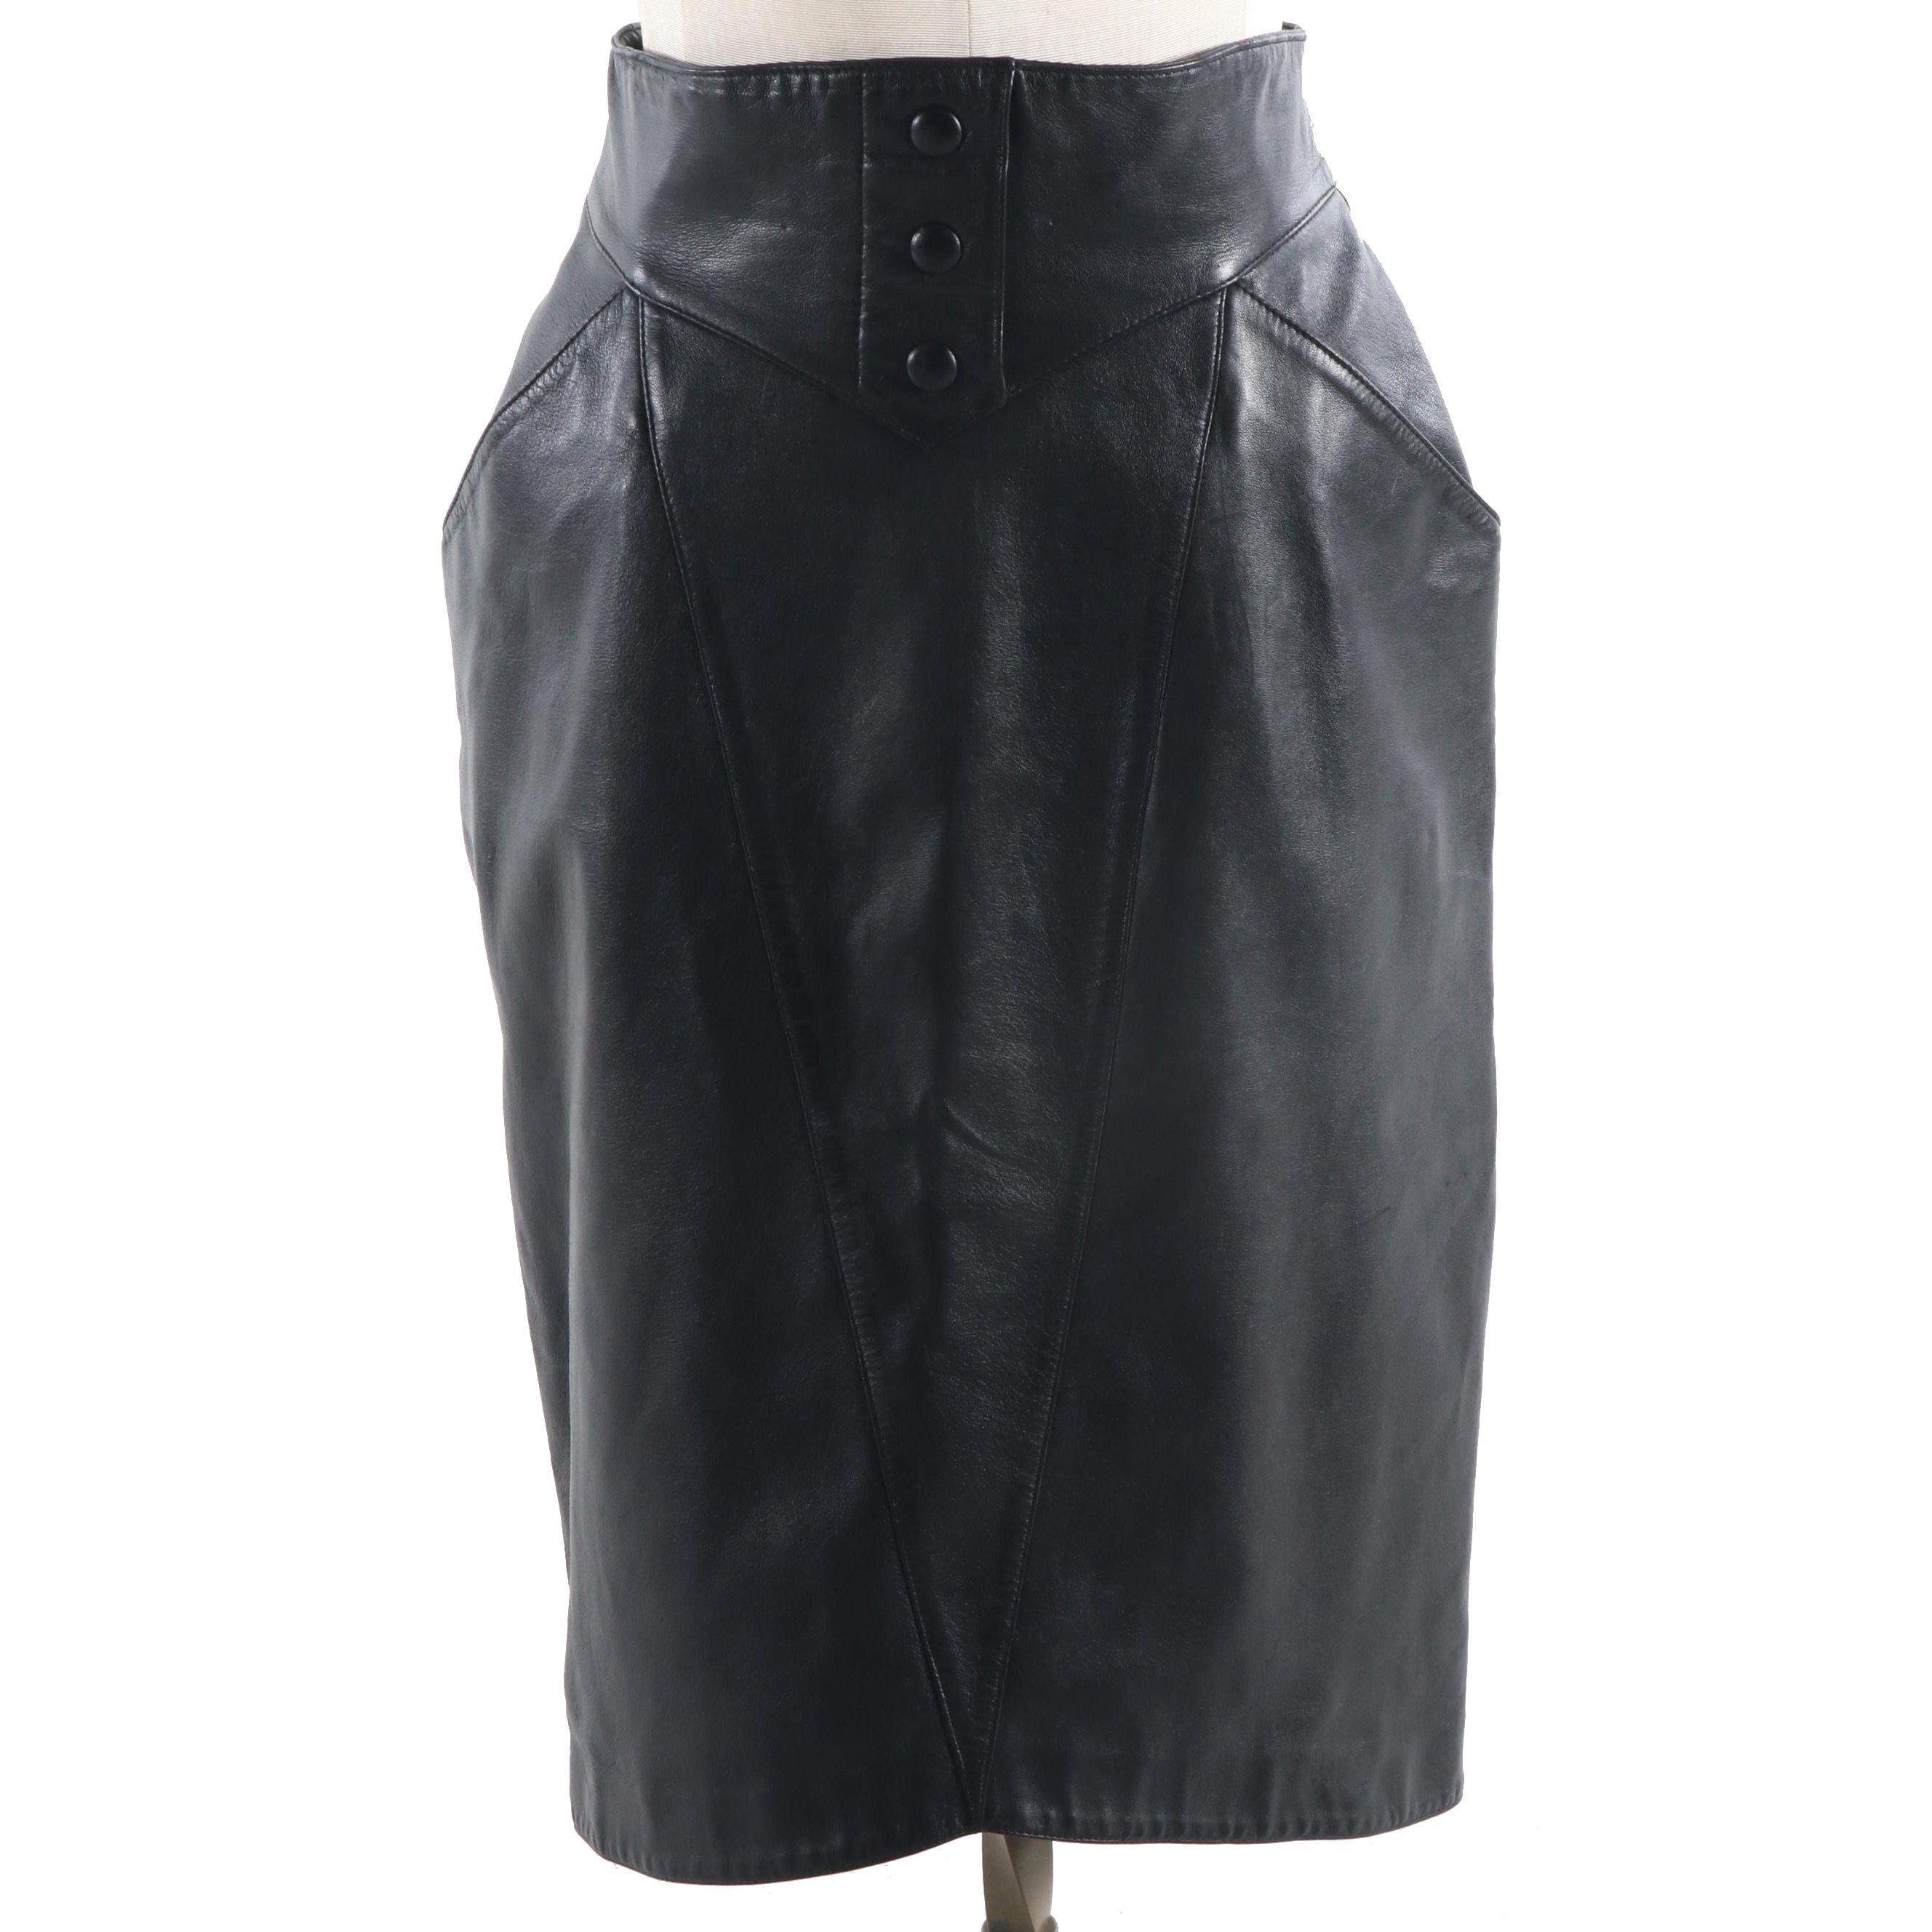 Women's Karl Lagerfeld Black Lambskin Skirt, Made in France